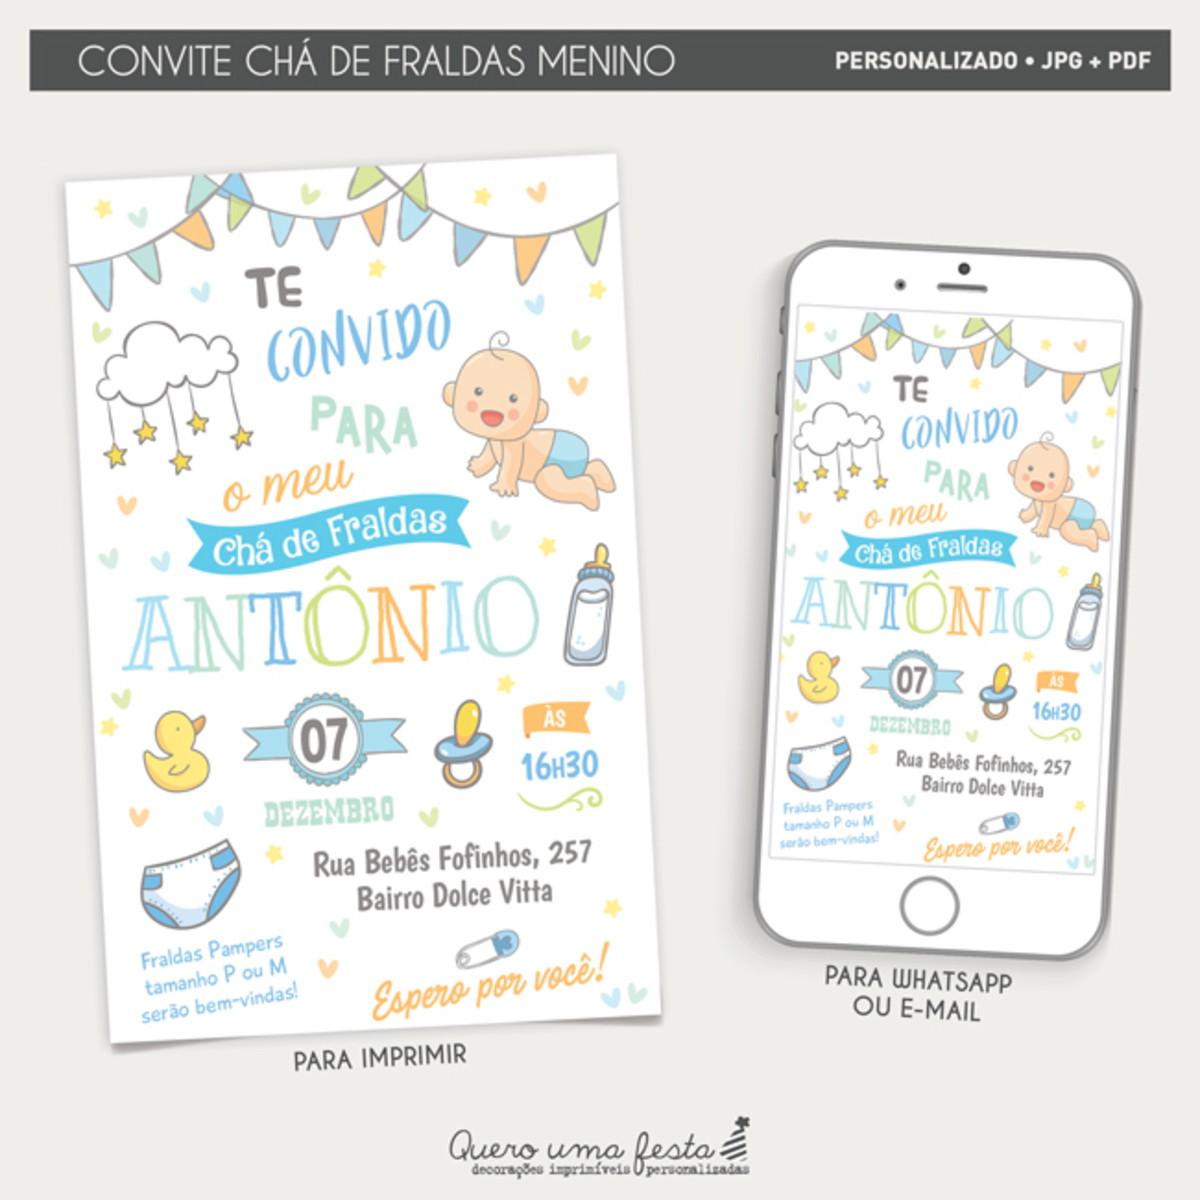 Convite Cha De Fraldas Azul Digital E Para Imprimir No Elo7